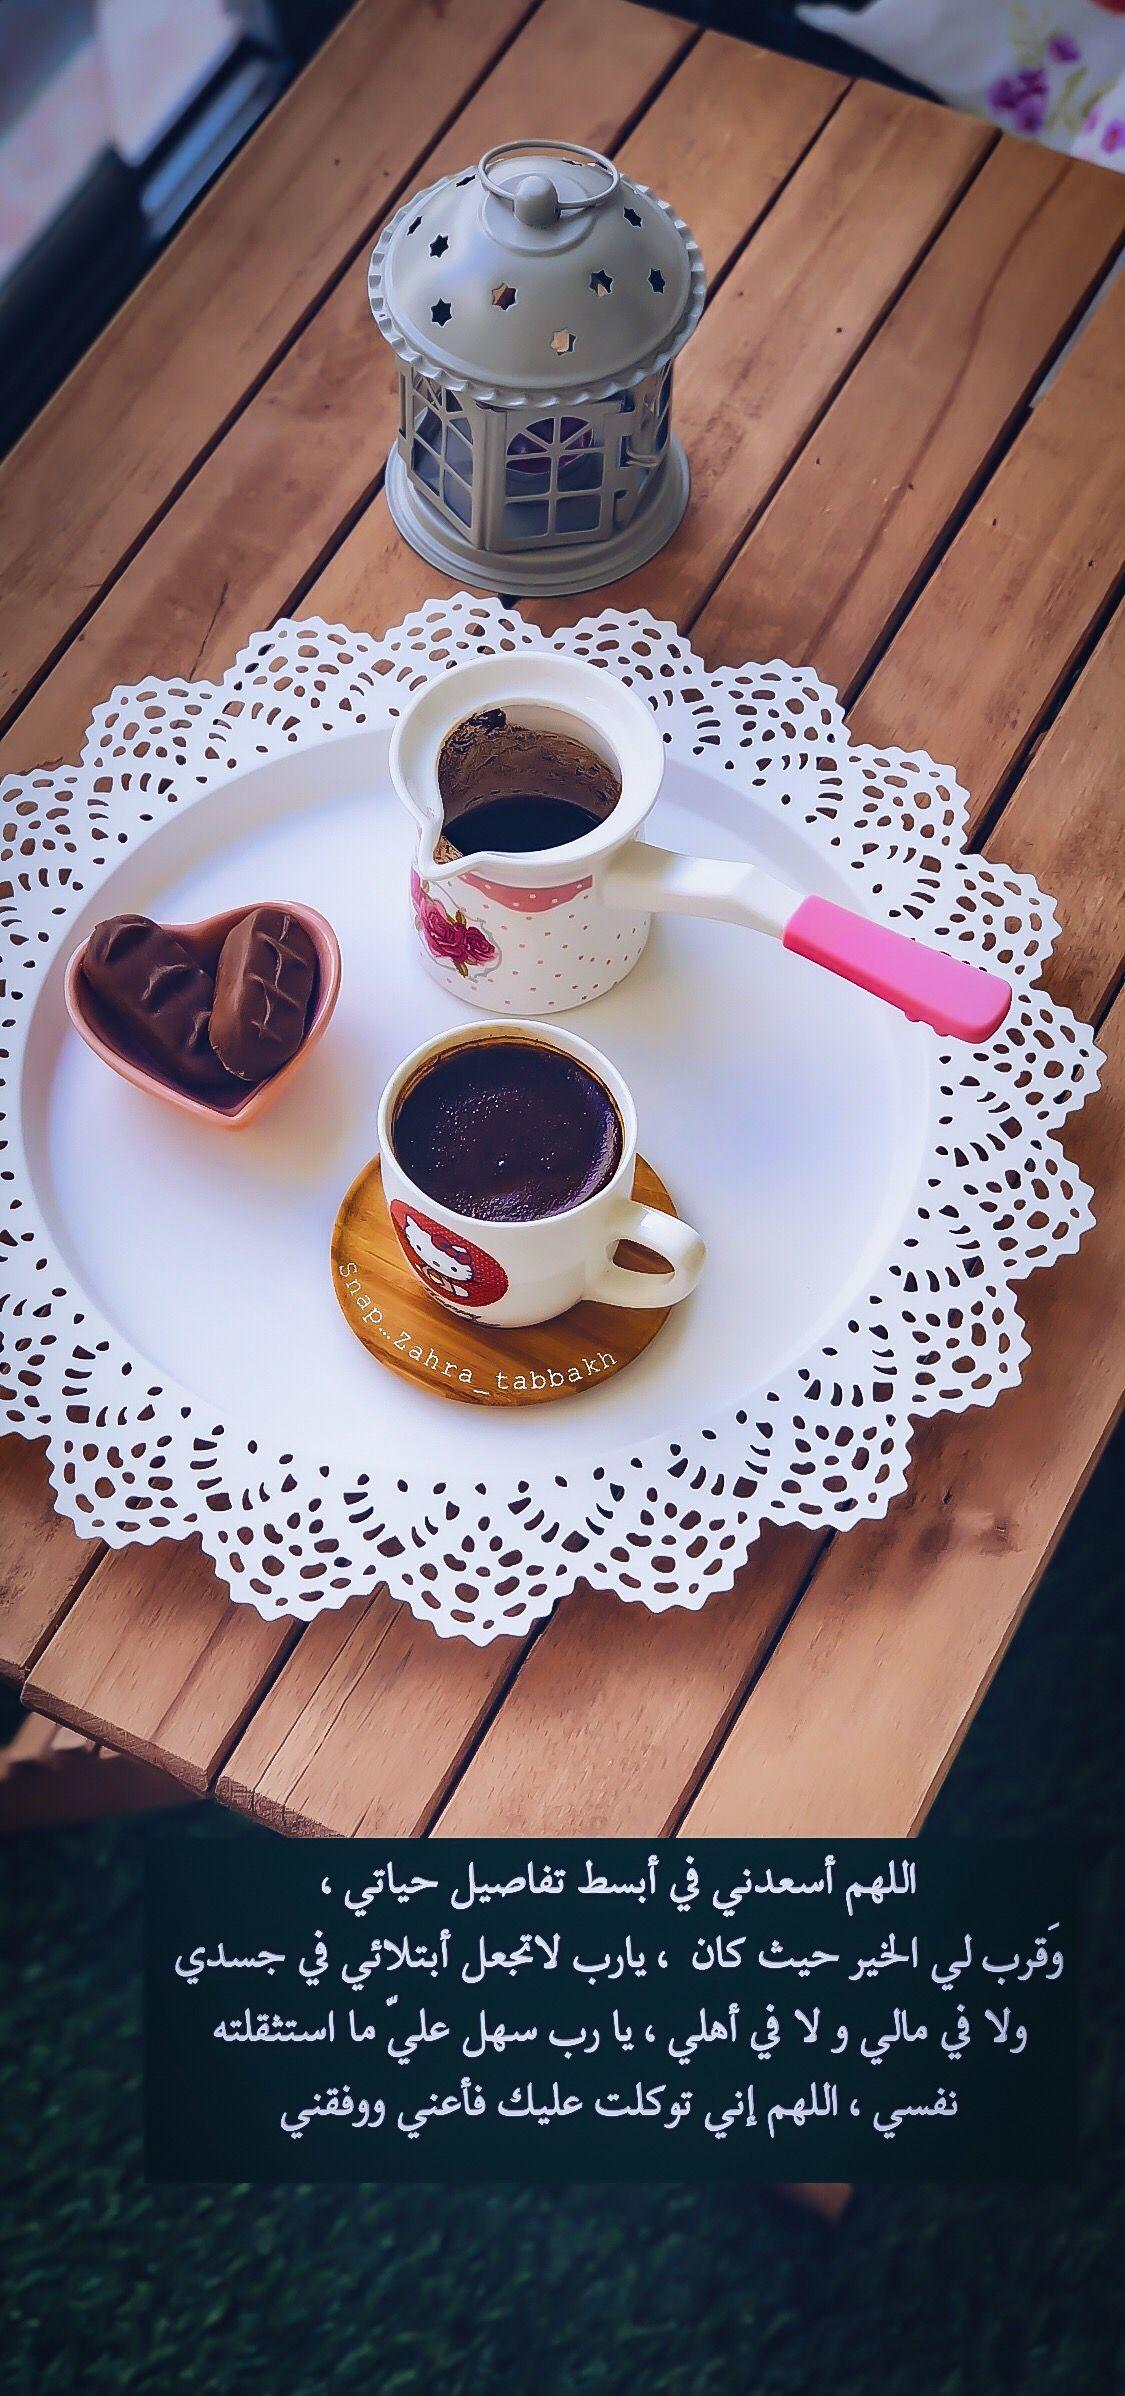 قهوة وقت القهوة صباح الخير رمزيات صورة تصويري تصاميم كوب قهوة سناب سنابيات بيسيات فنجان قهوة روقان مزاج هد Sweet Words Fruit Recipes Coffee Time